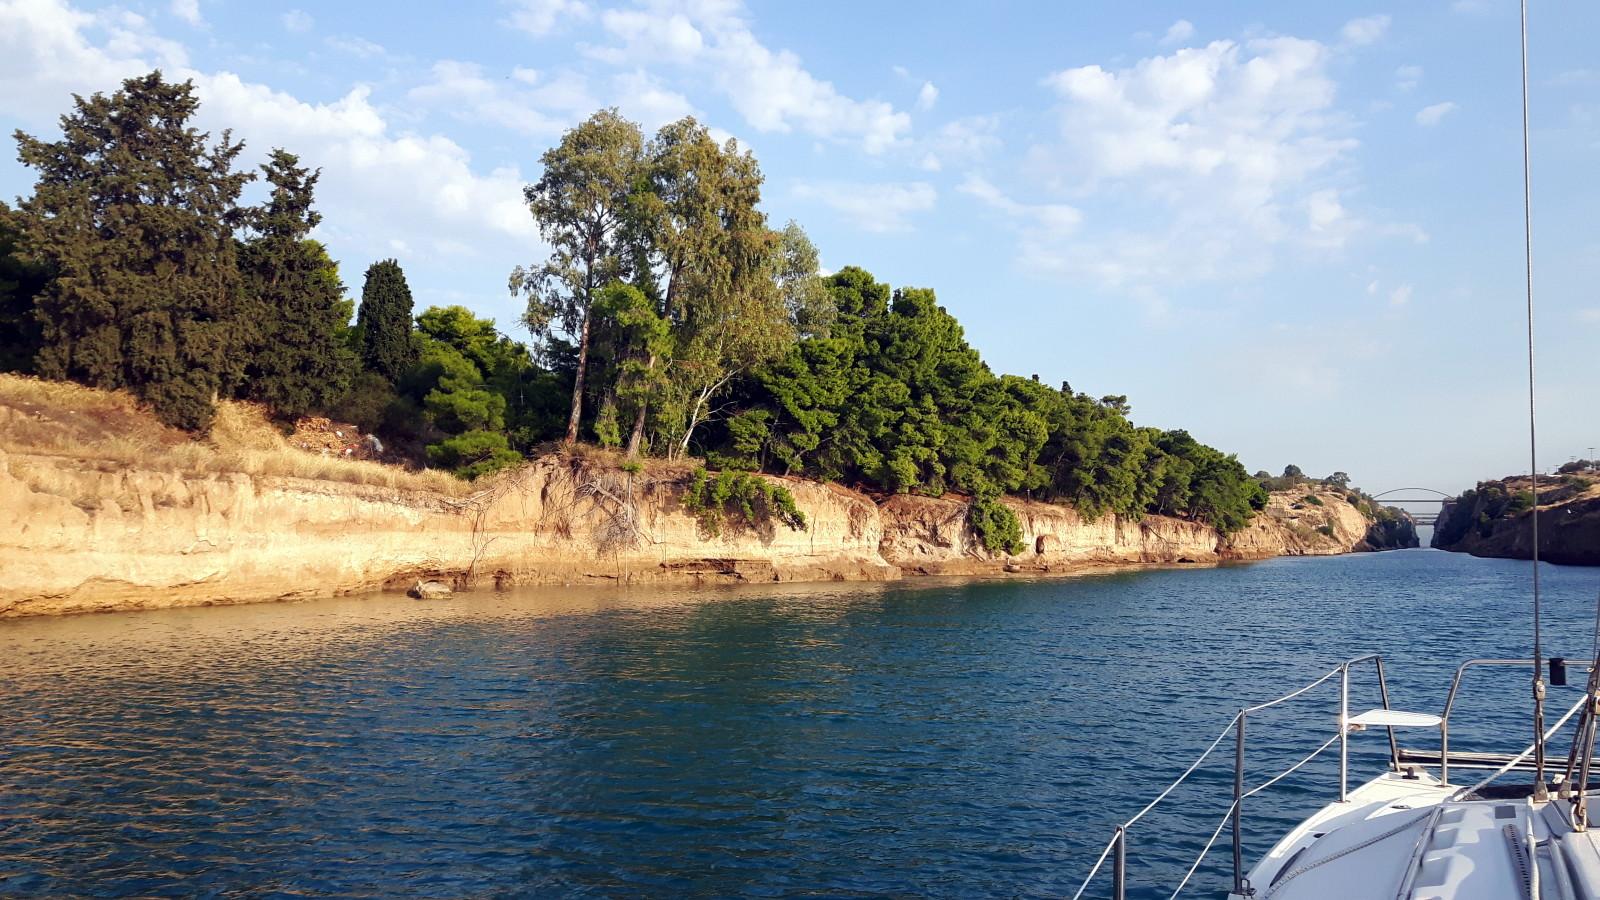 Einfahrt in den Kanal von Korinth